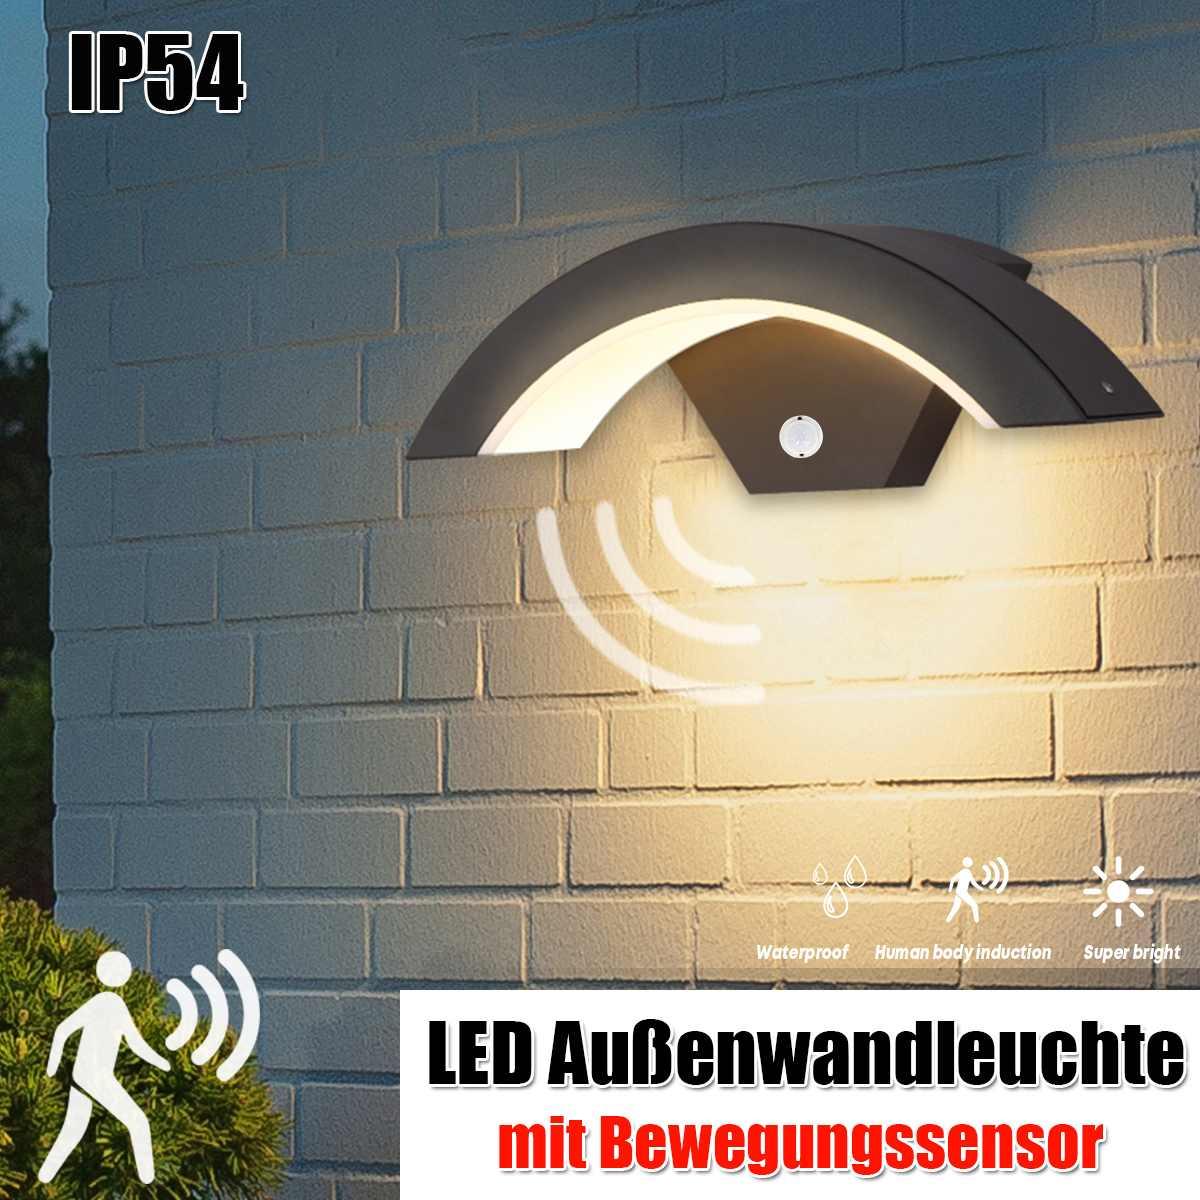 Zewnętrzna ściana światło 15W czujnik ruchu LED kinkiet ogród Yard ganek na zewnątrz ciepłe białe światło wodoodporne IP54 odporne na warunki atmosferyczne